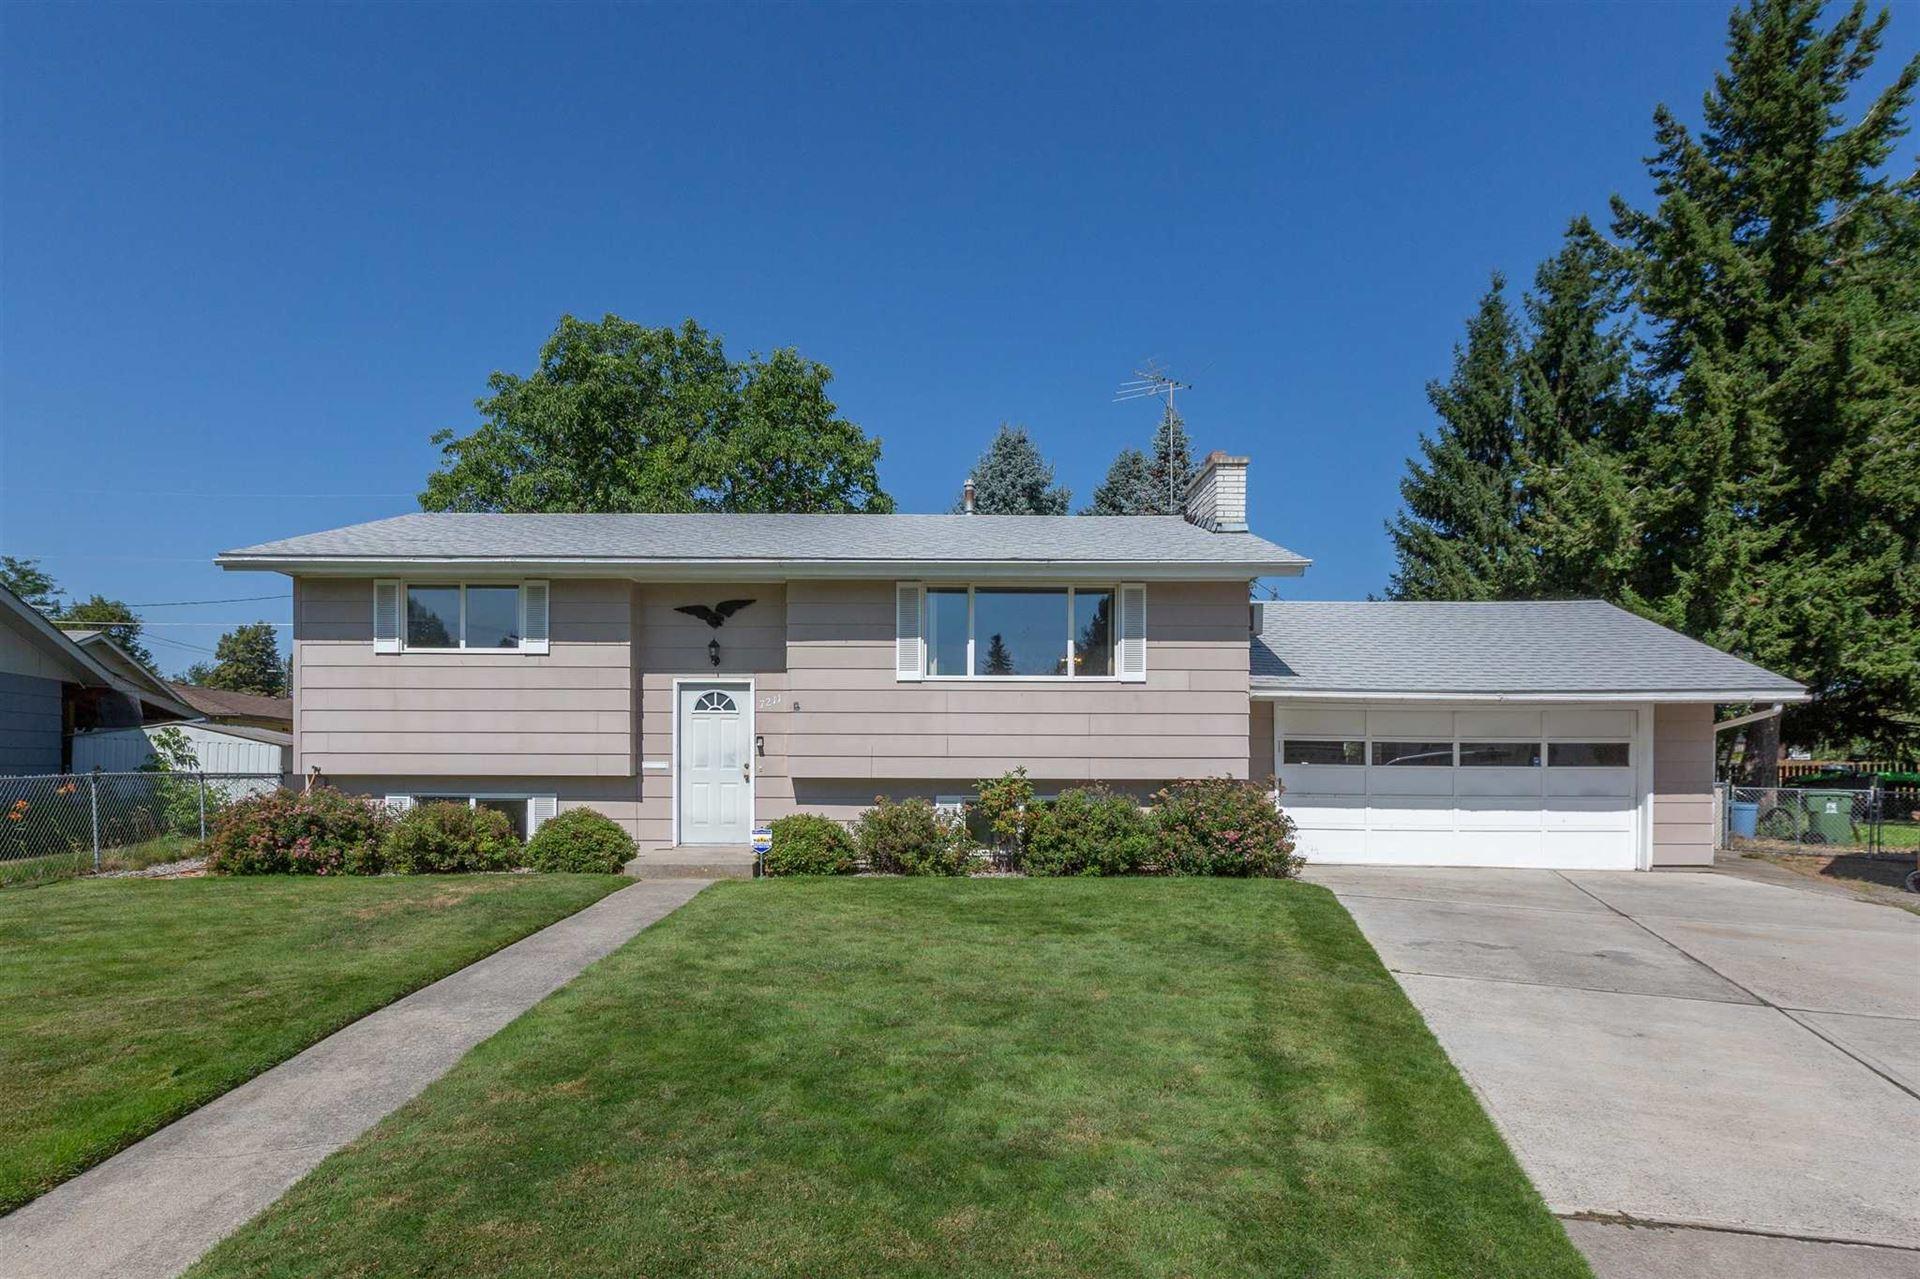 7211 N Wiscomb Ct, Spokane, WA 99208 - #: 202119445